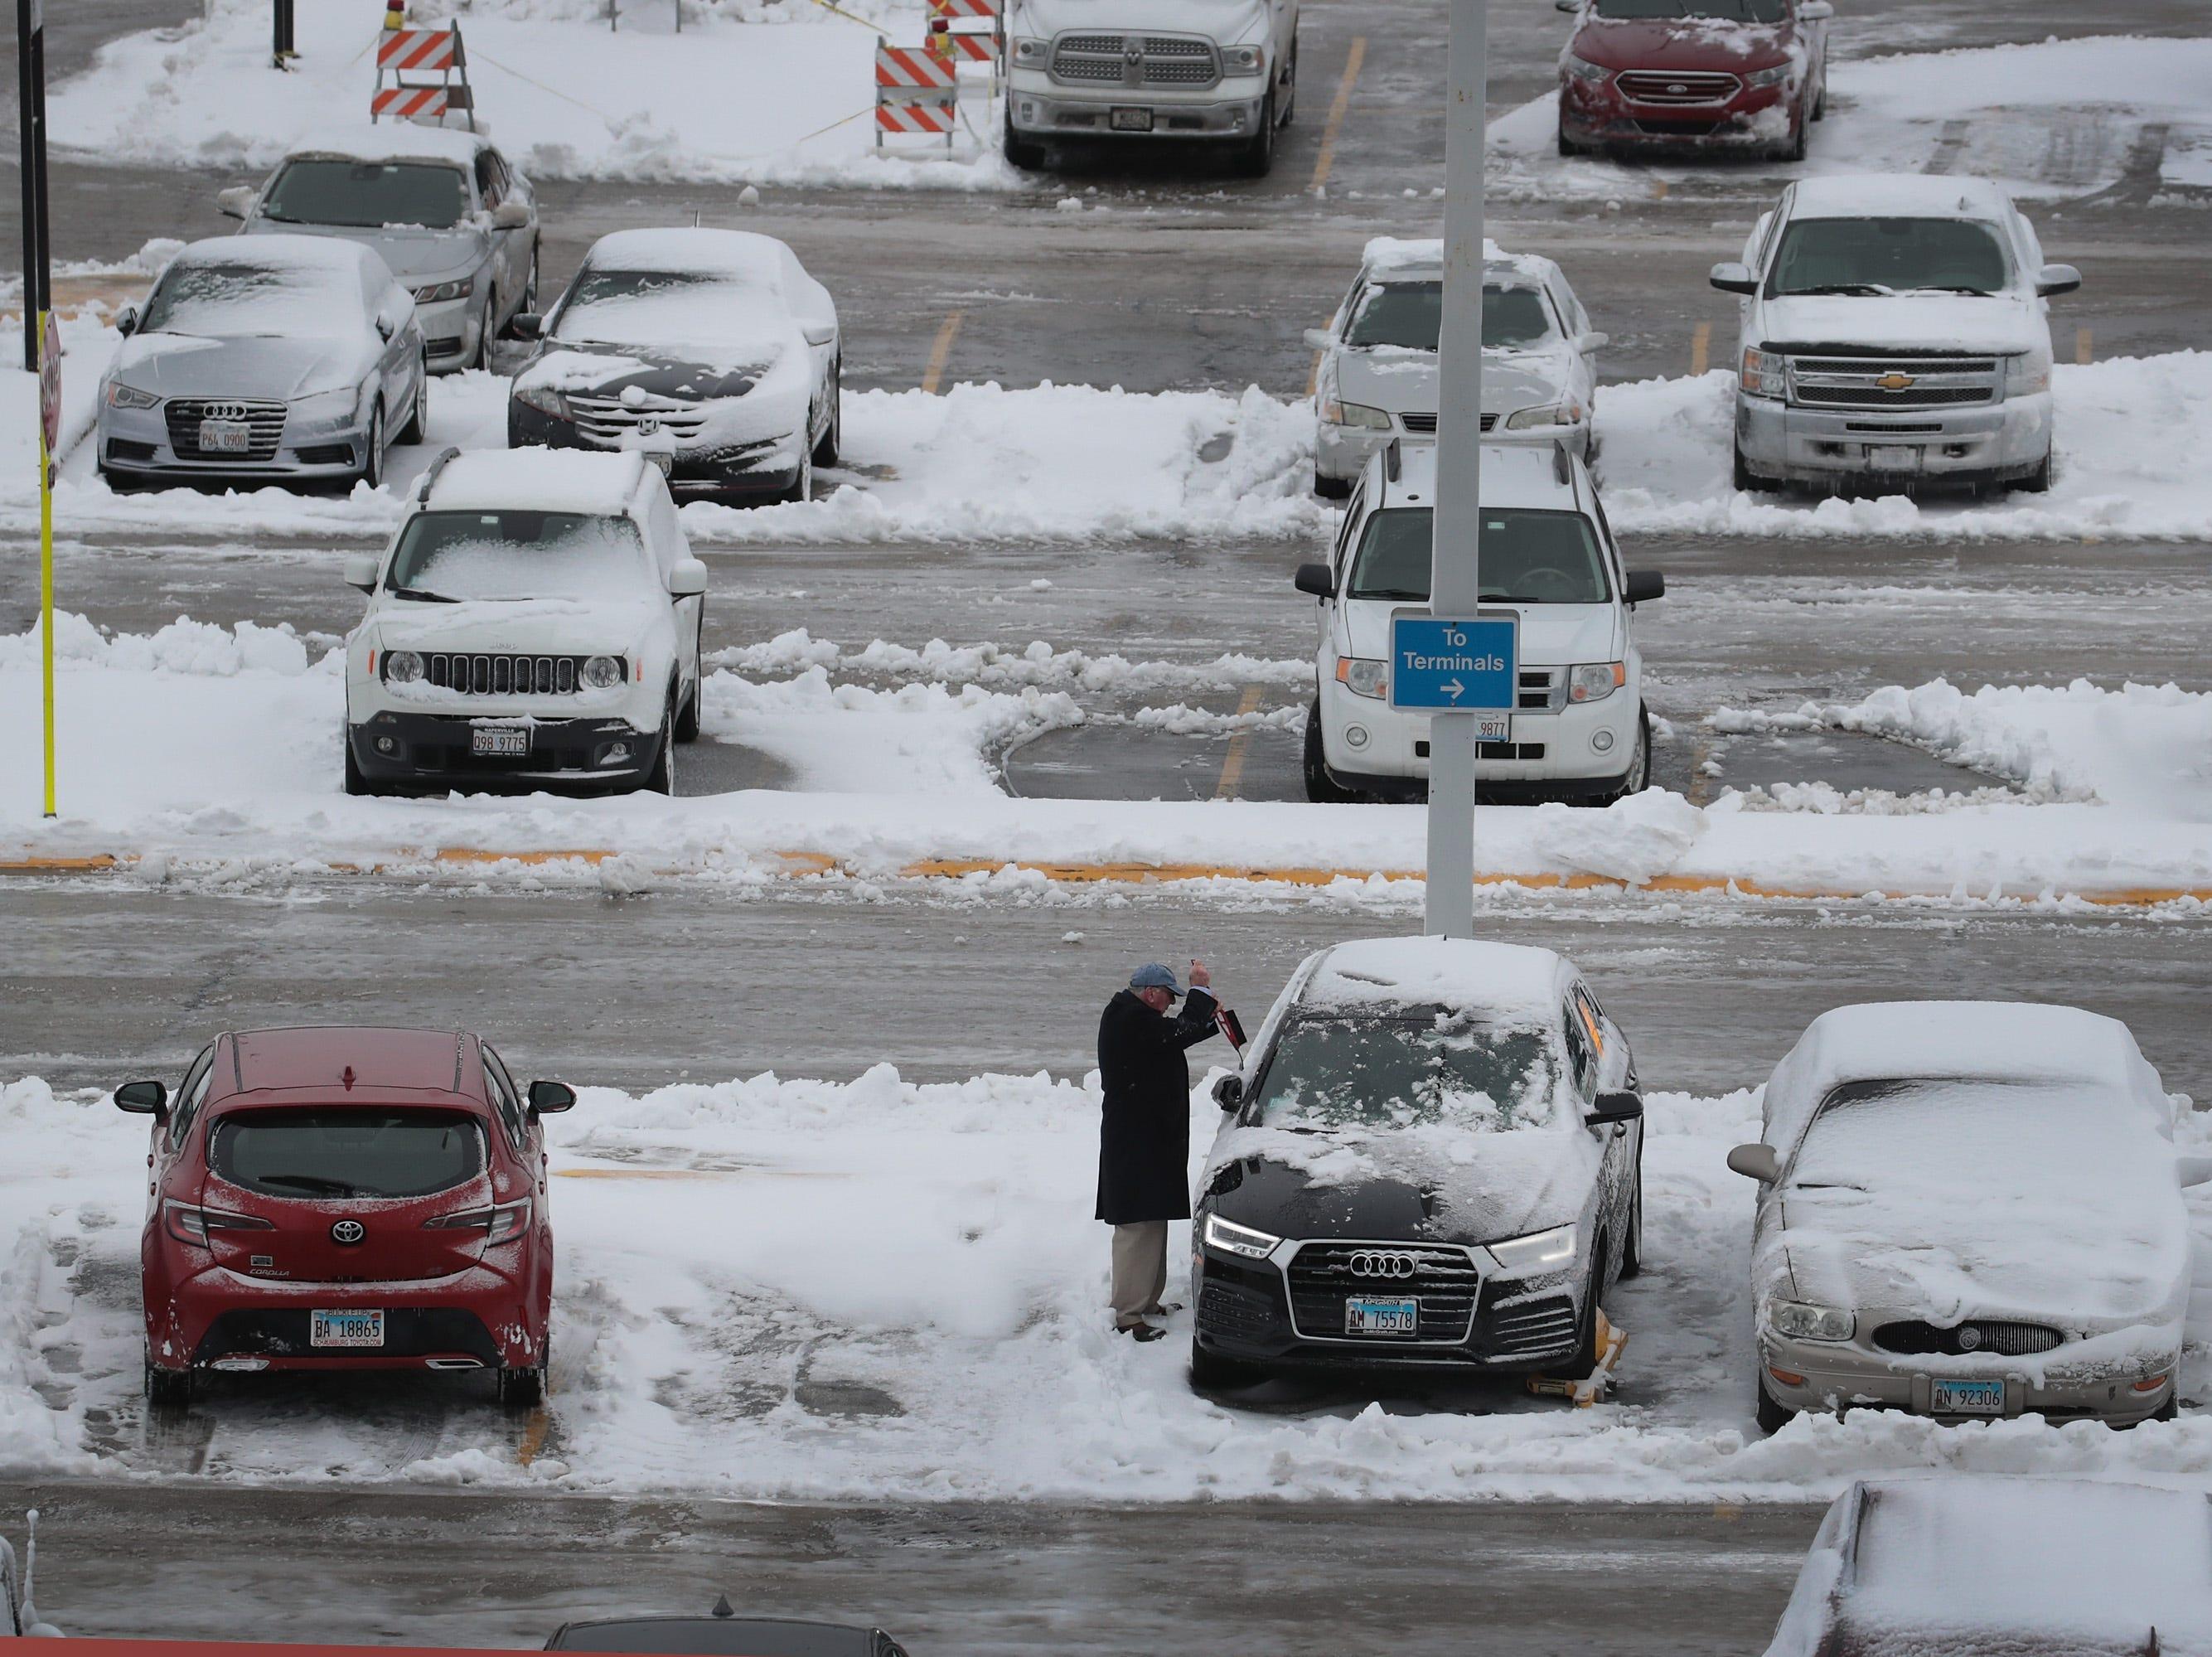 Un automovilista quita la nieve de su automóvil en el Aeropuerto Internacional O'Hare luego de la tormenta de nieve del 26 de noviembre de 2018 en Chicago, Illinois. La tormenta, que se elevó hasta un pie de nieve en Chicago y sus alrededores, causó el retraso y la cancelación de cientos de vuelos, causó decenas de accidentes de tráfico y dejó a miles sin electricidad.